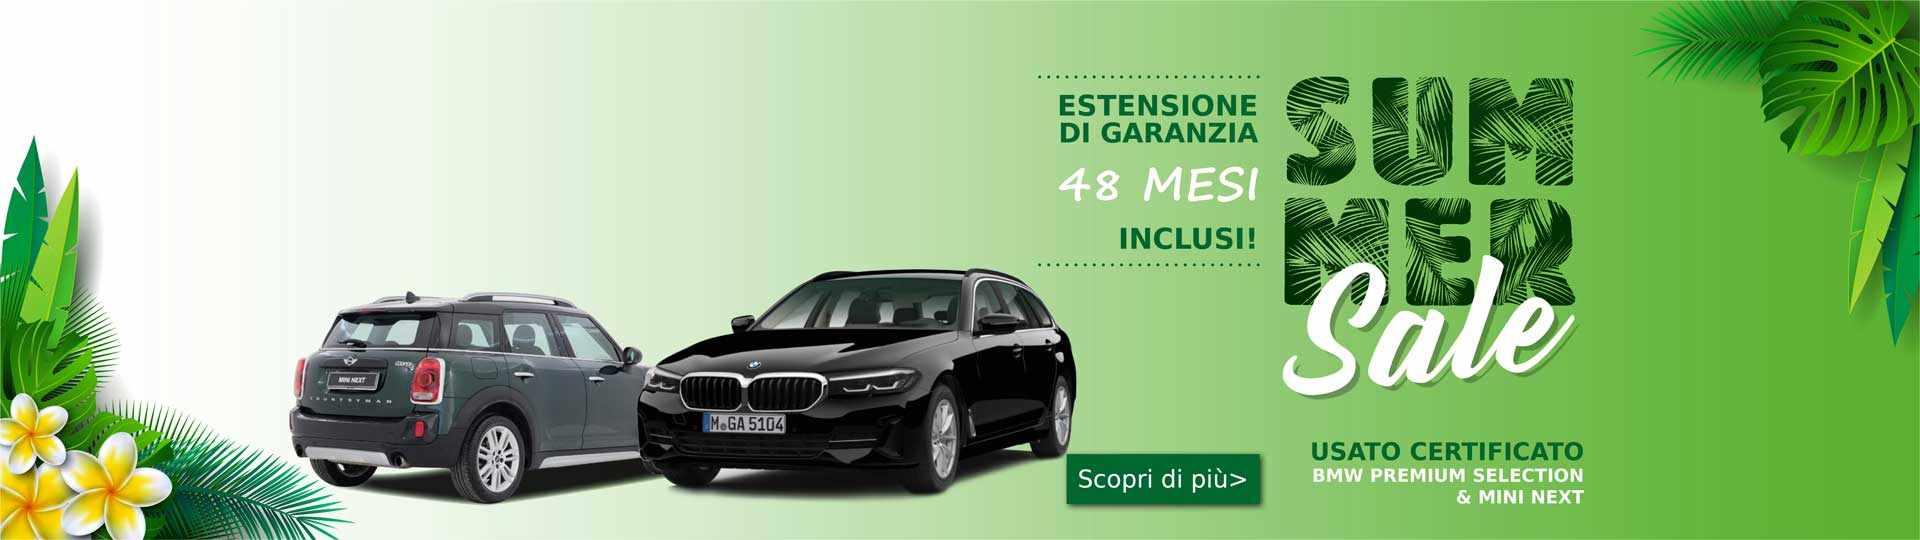 BMW-e-MINI-USATO-min.jpg